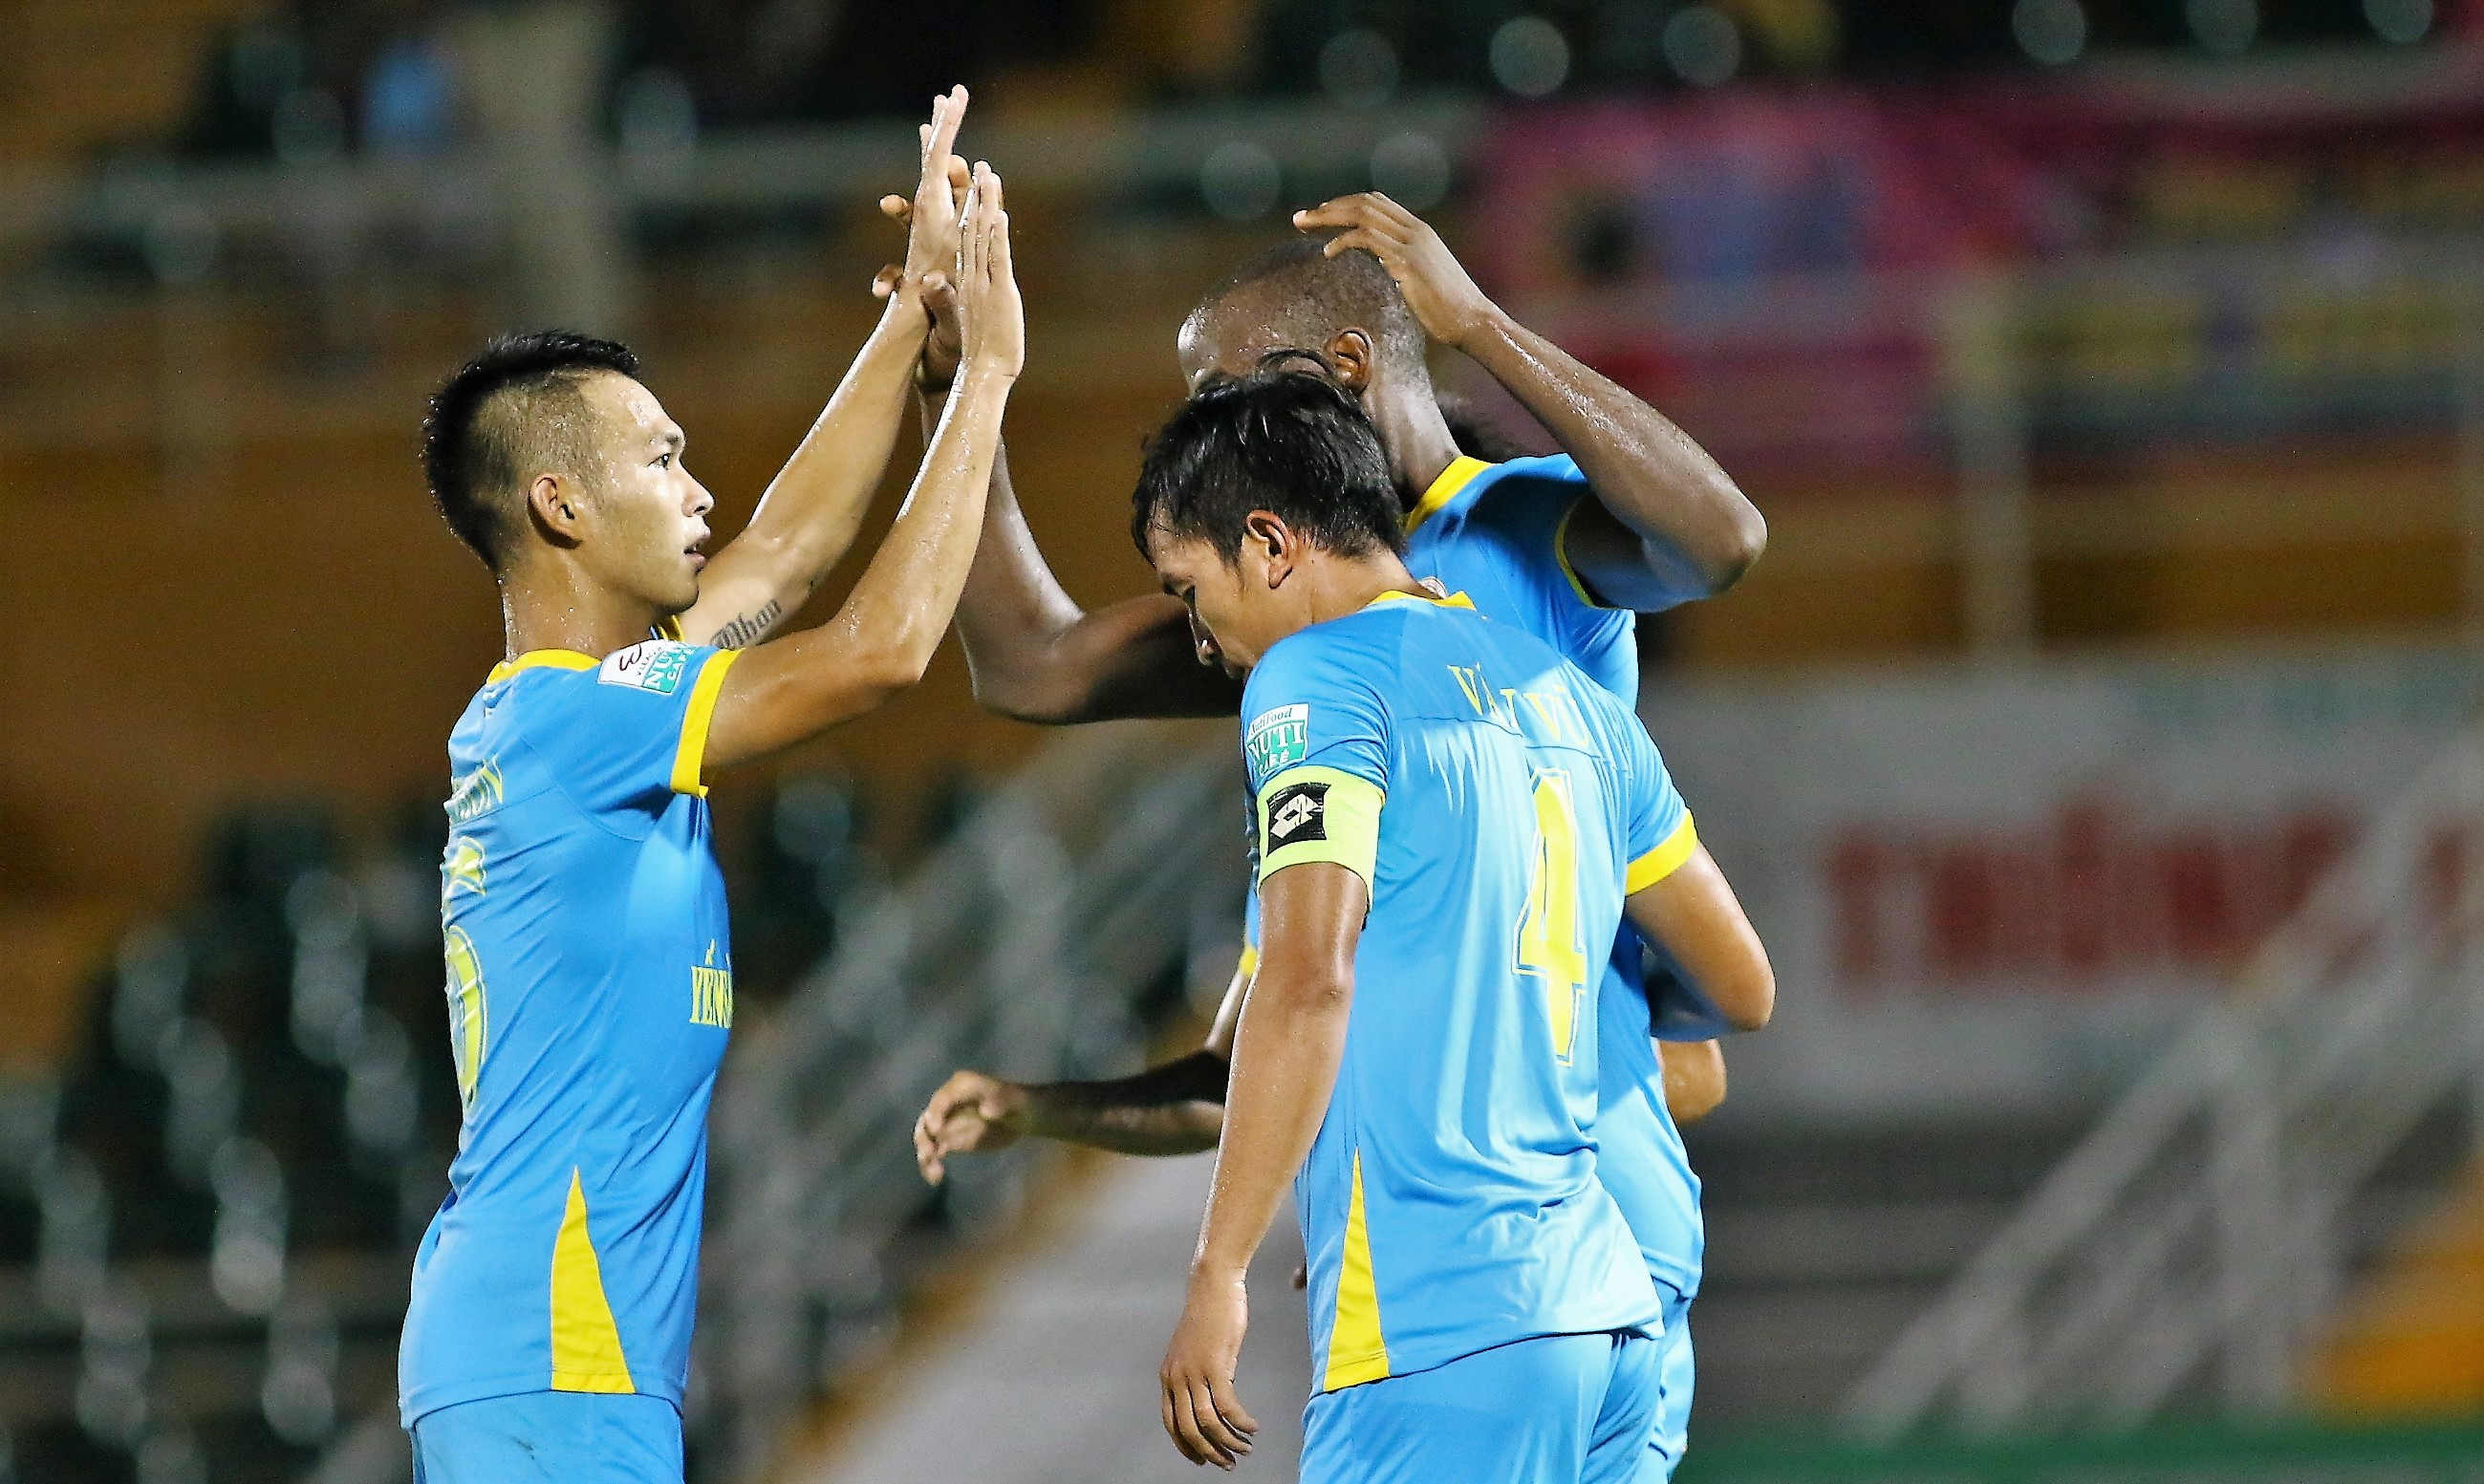 Đấu sớm vòng 22 V-League: SLNA đại thắng trên sân Vinh, Hà Nội